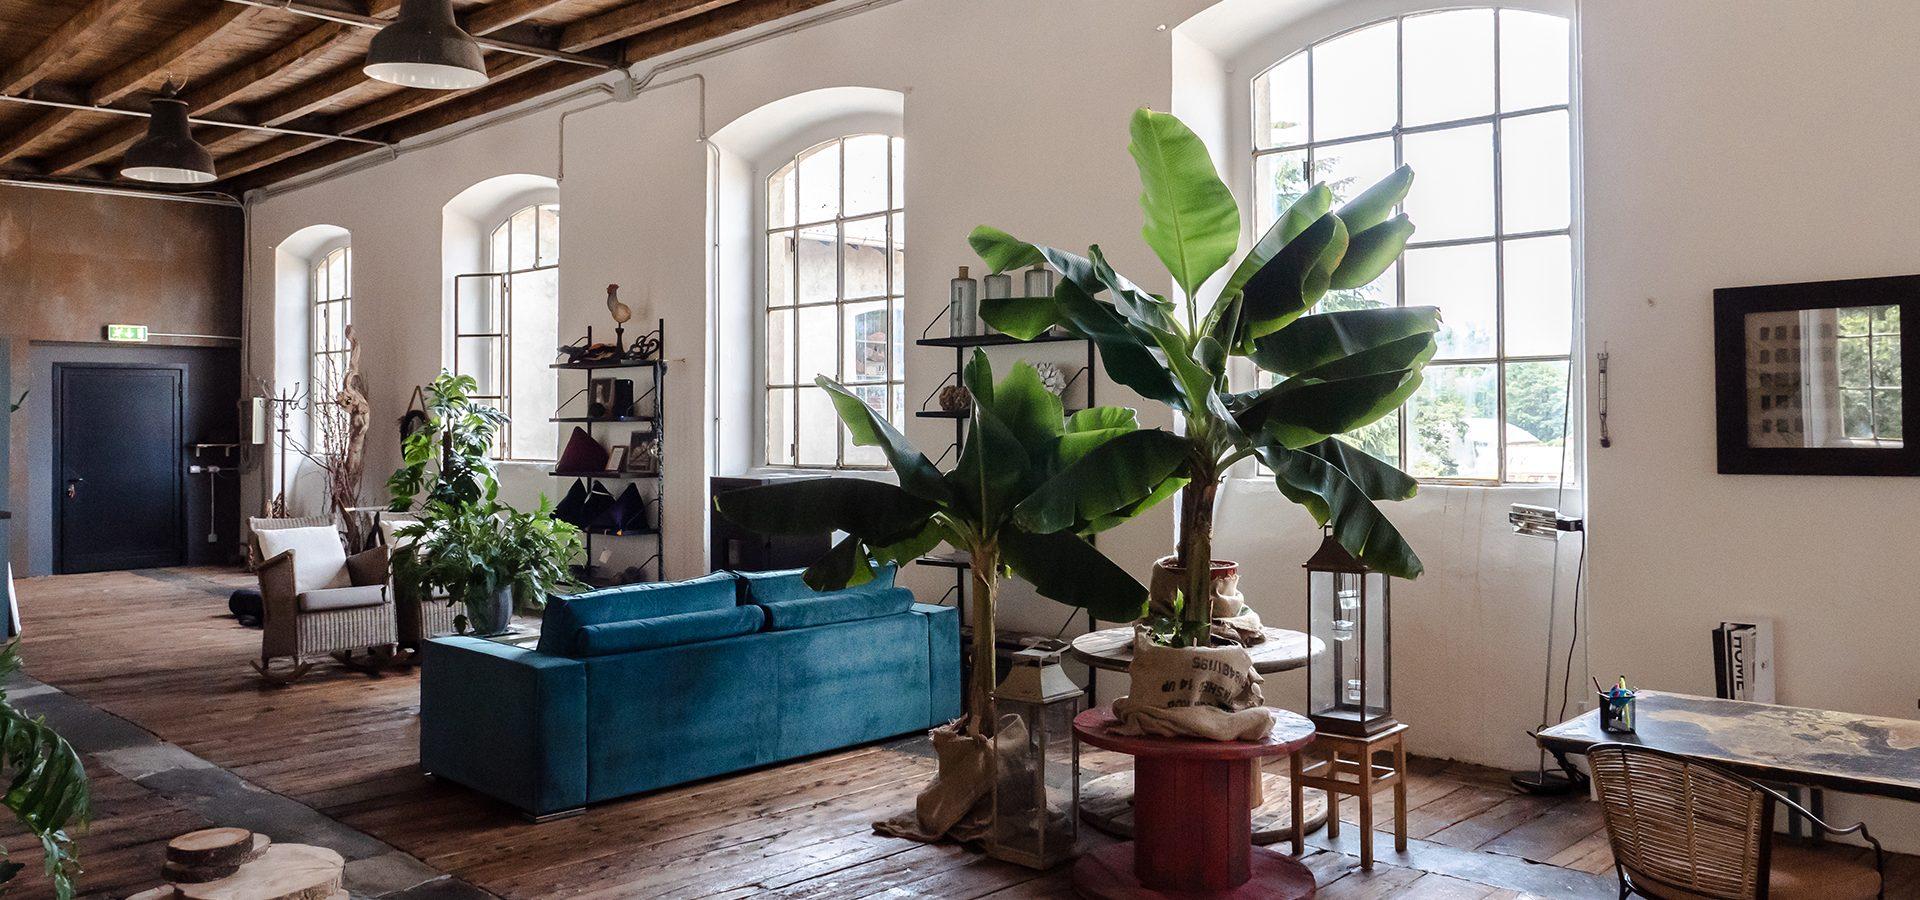 showroom-interior-motta-design